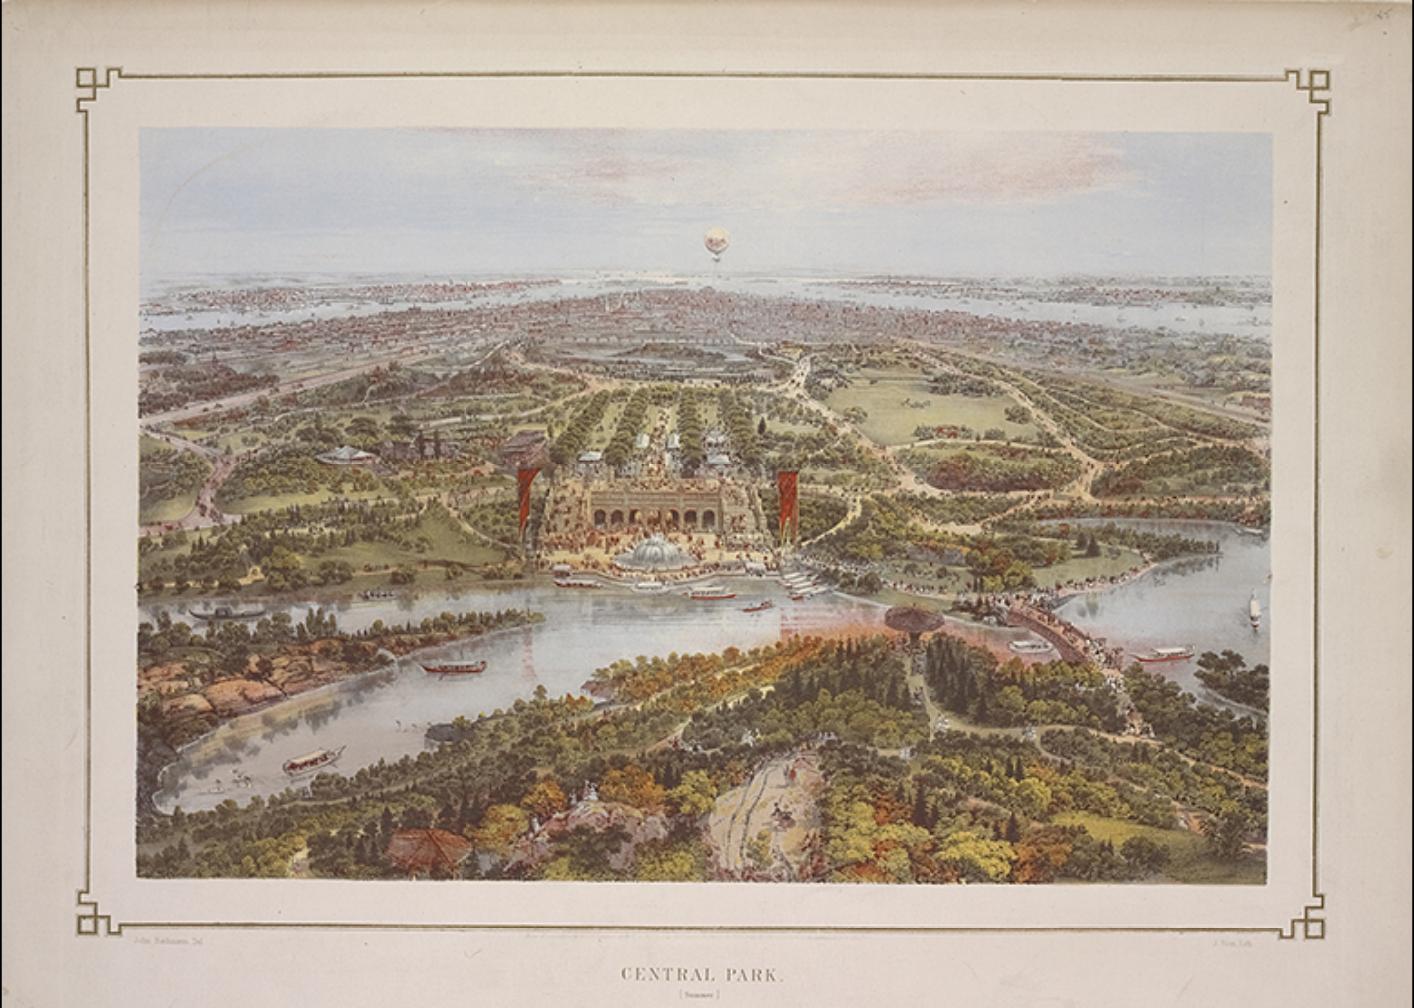 1865-central-park-summer-1865-nypl